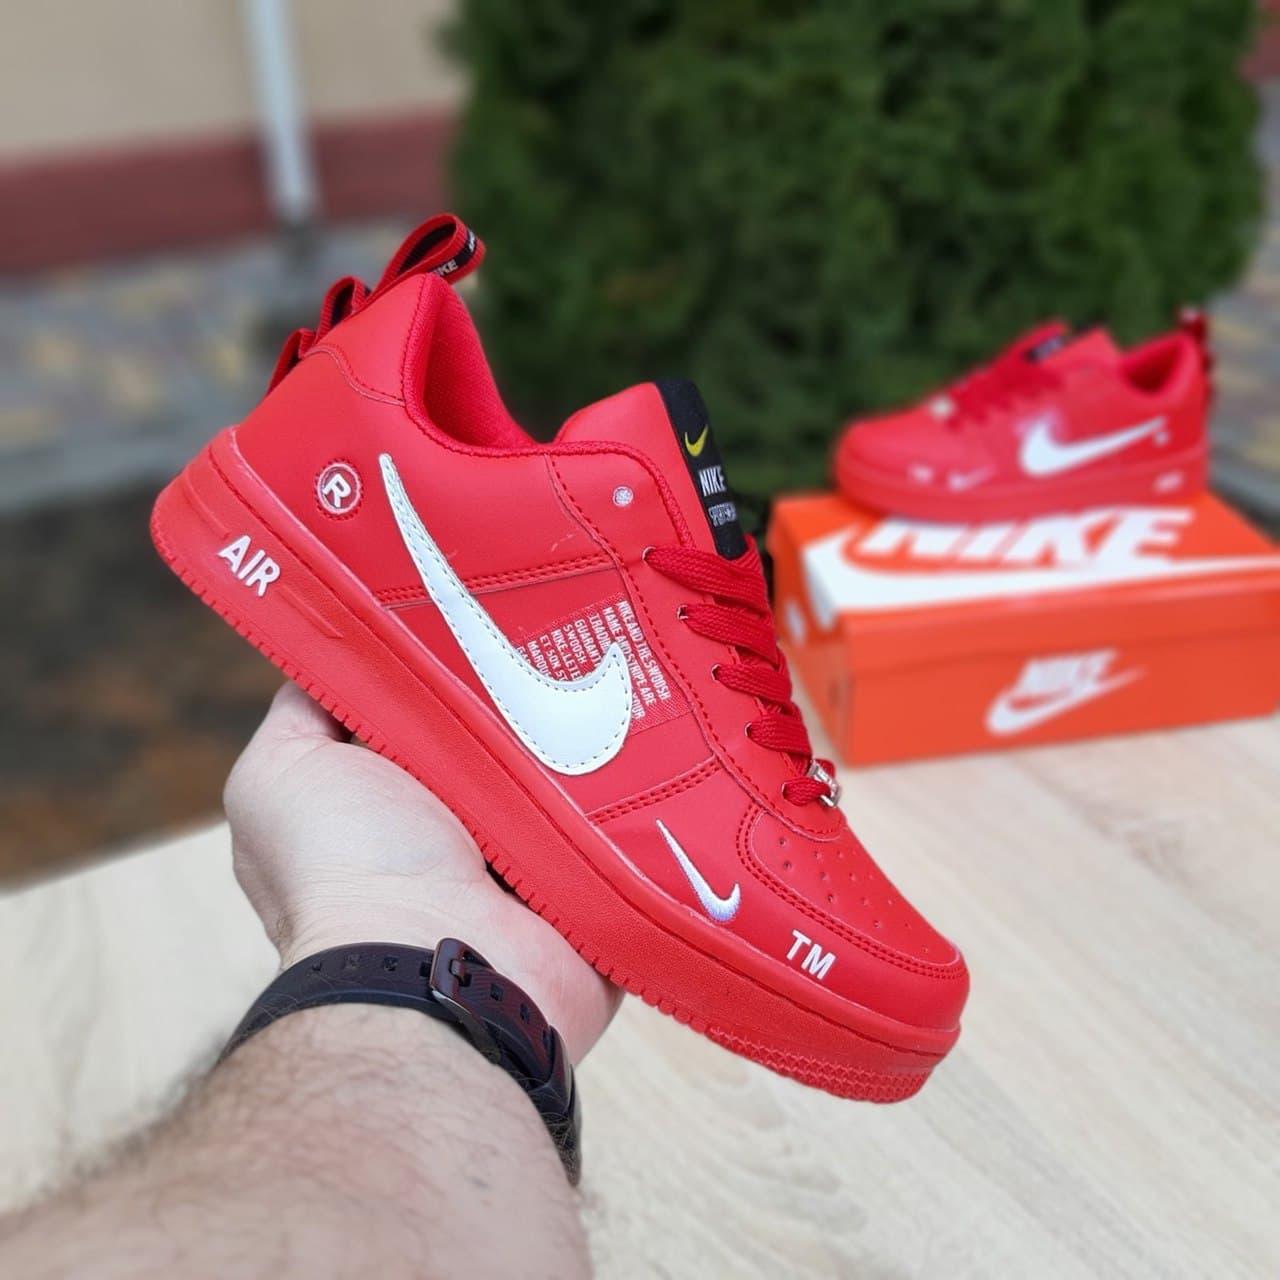 Кросівки Air Force 1 LV8 червоні жіночі кросівки 36-37